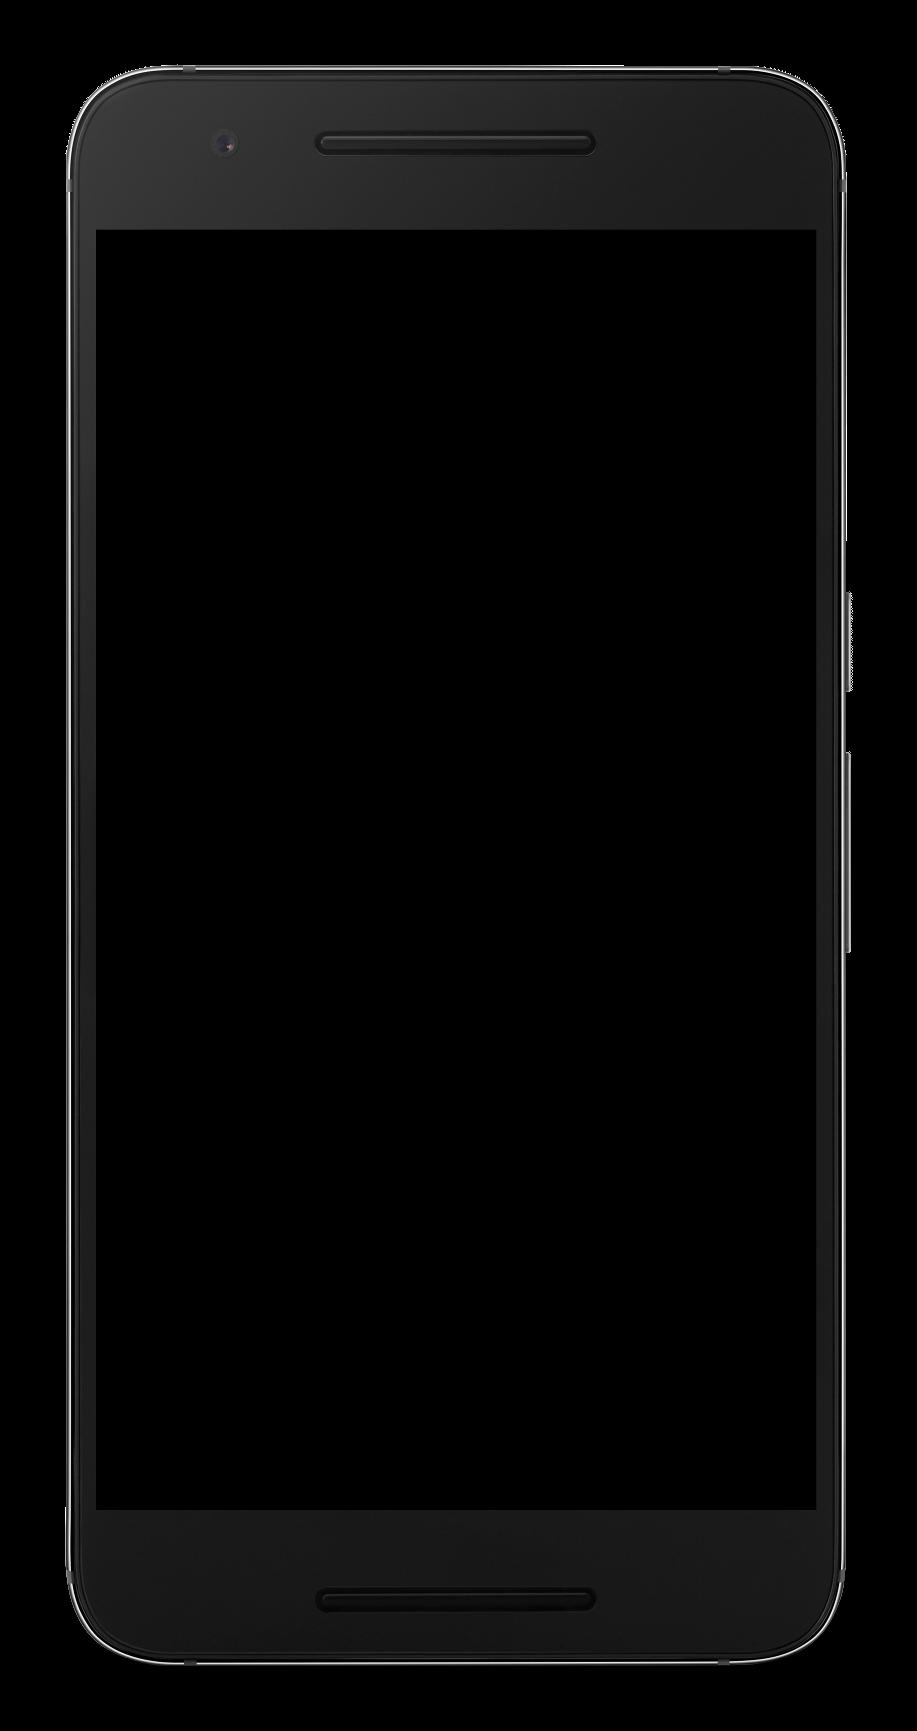 raw/nexus-6p-frame.png